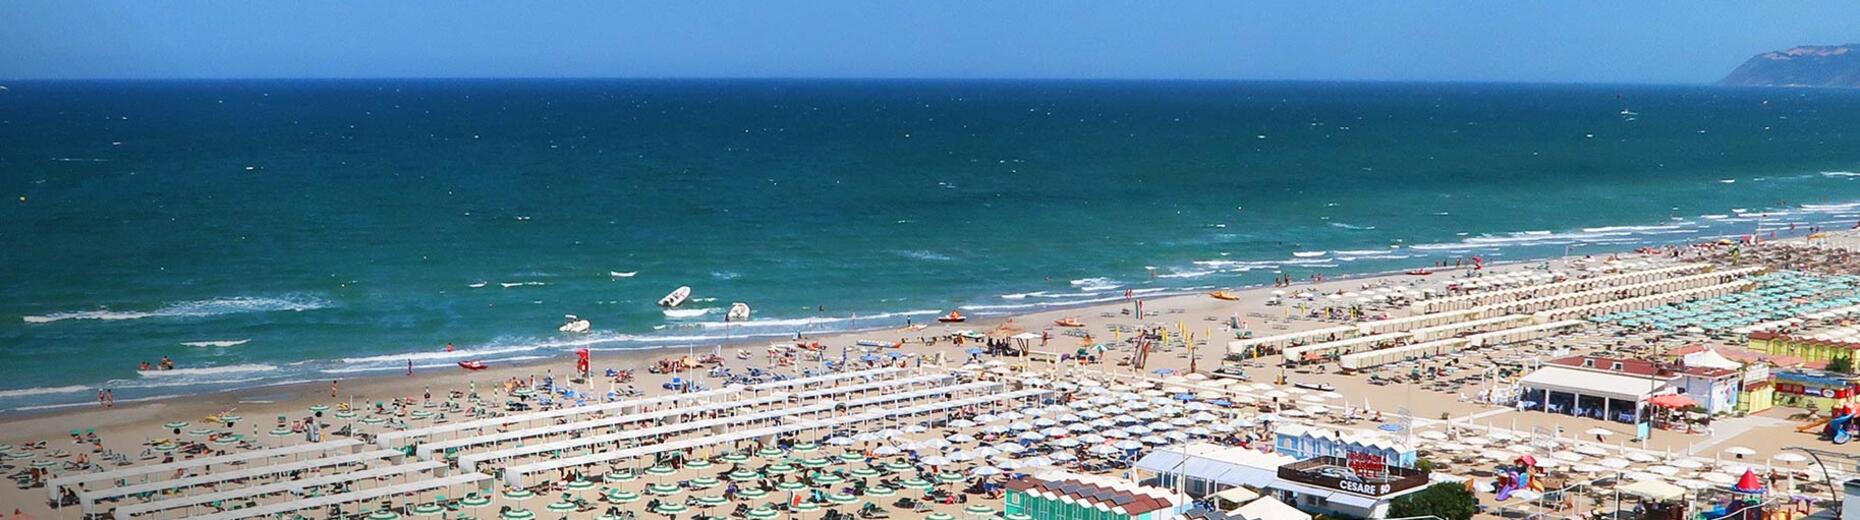 lanuovaorchidea it spiaggia-riccione 003